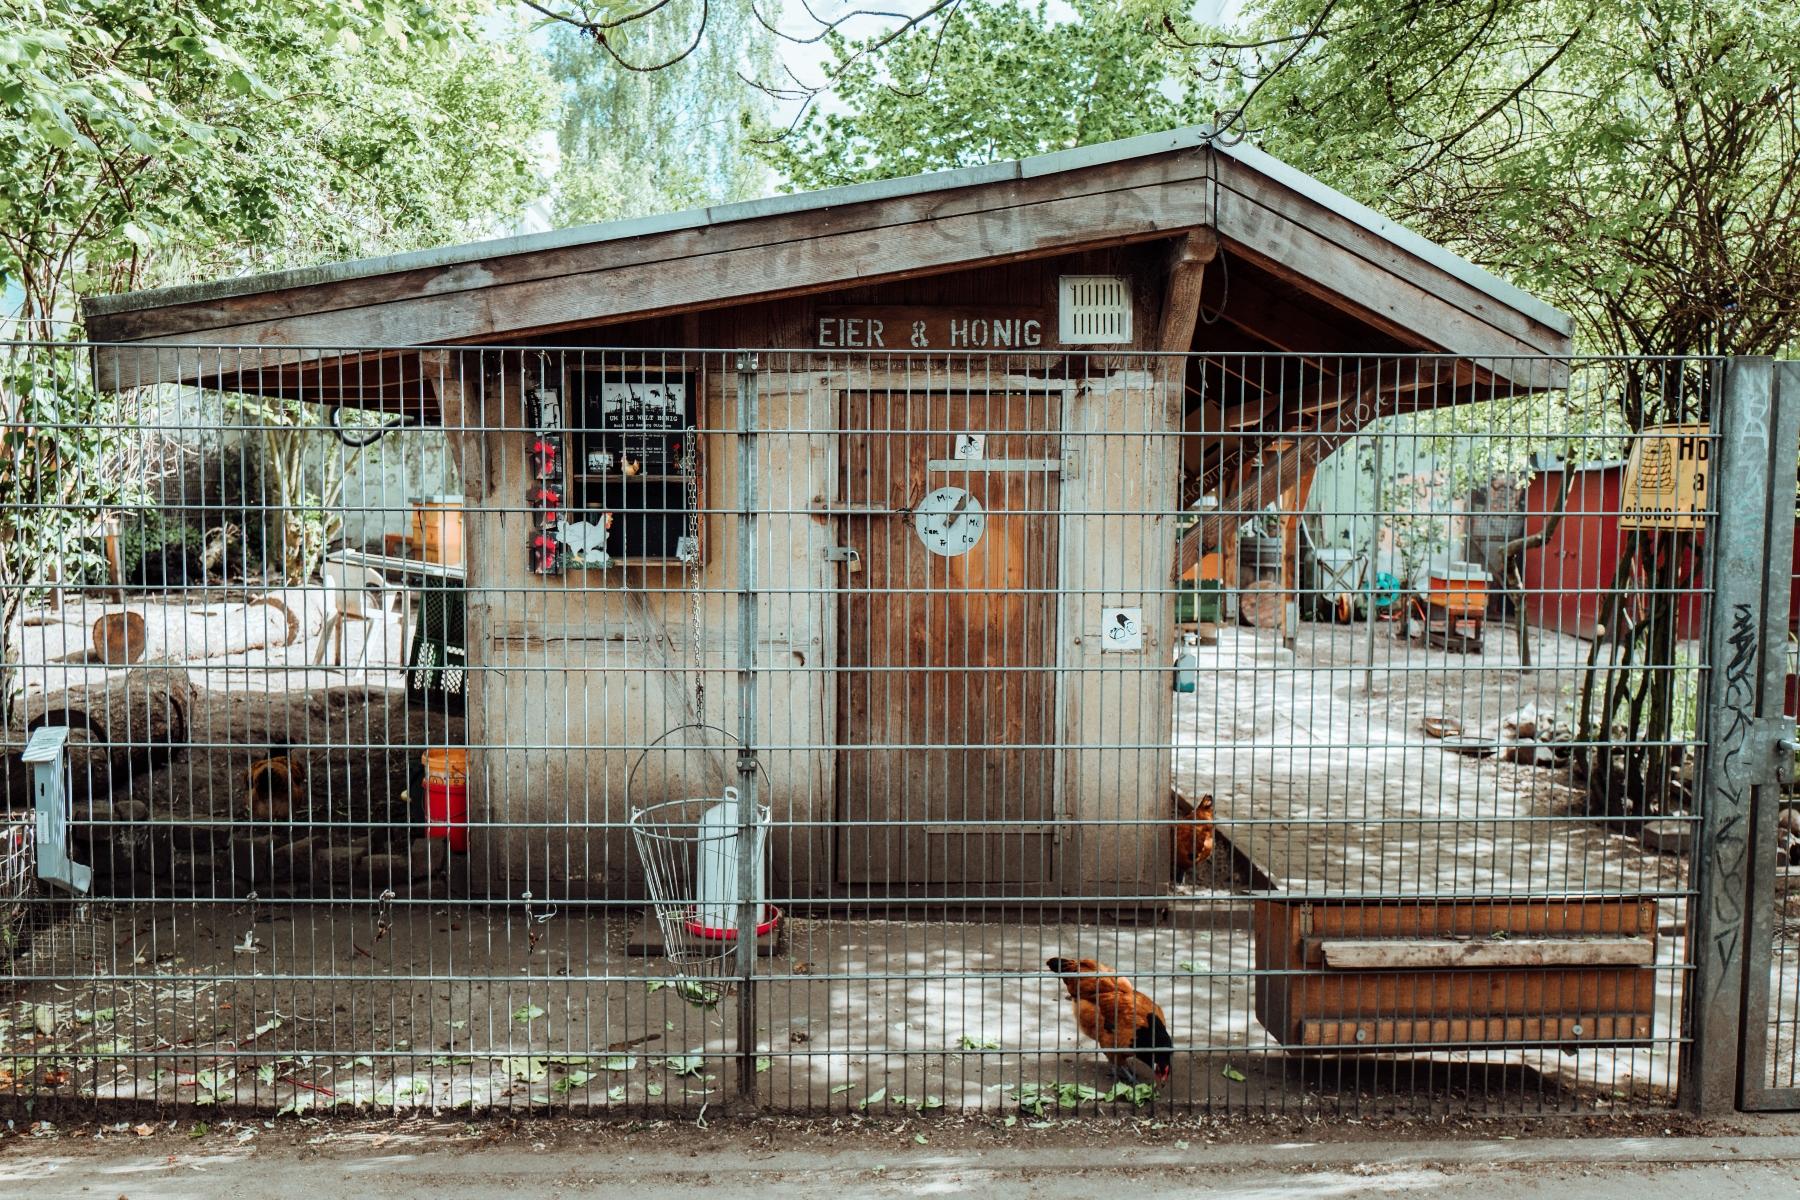 Das Zuhause der MOTTE Hühner. – ©Lisa Knauer